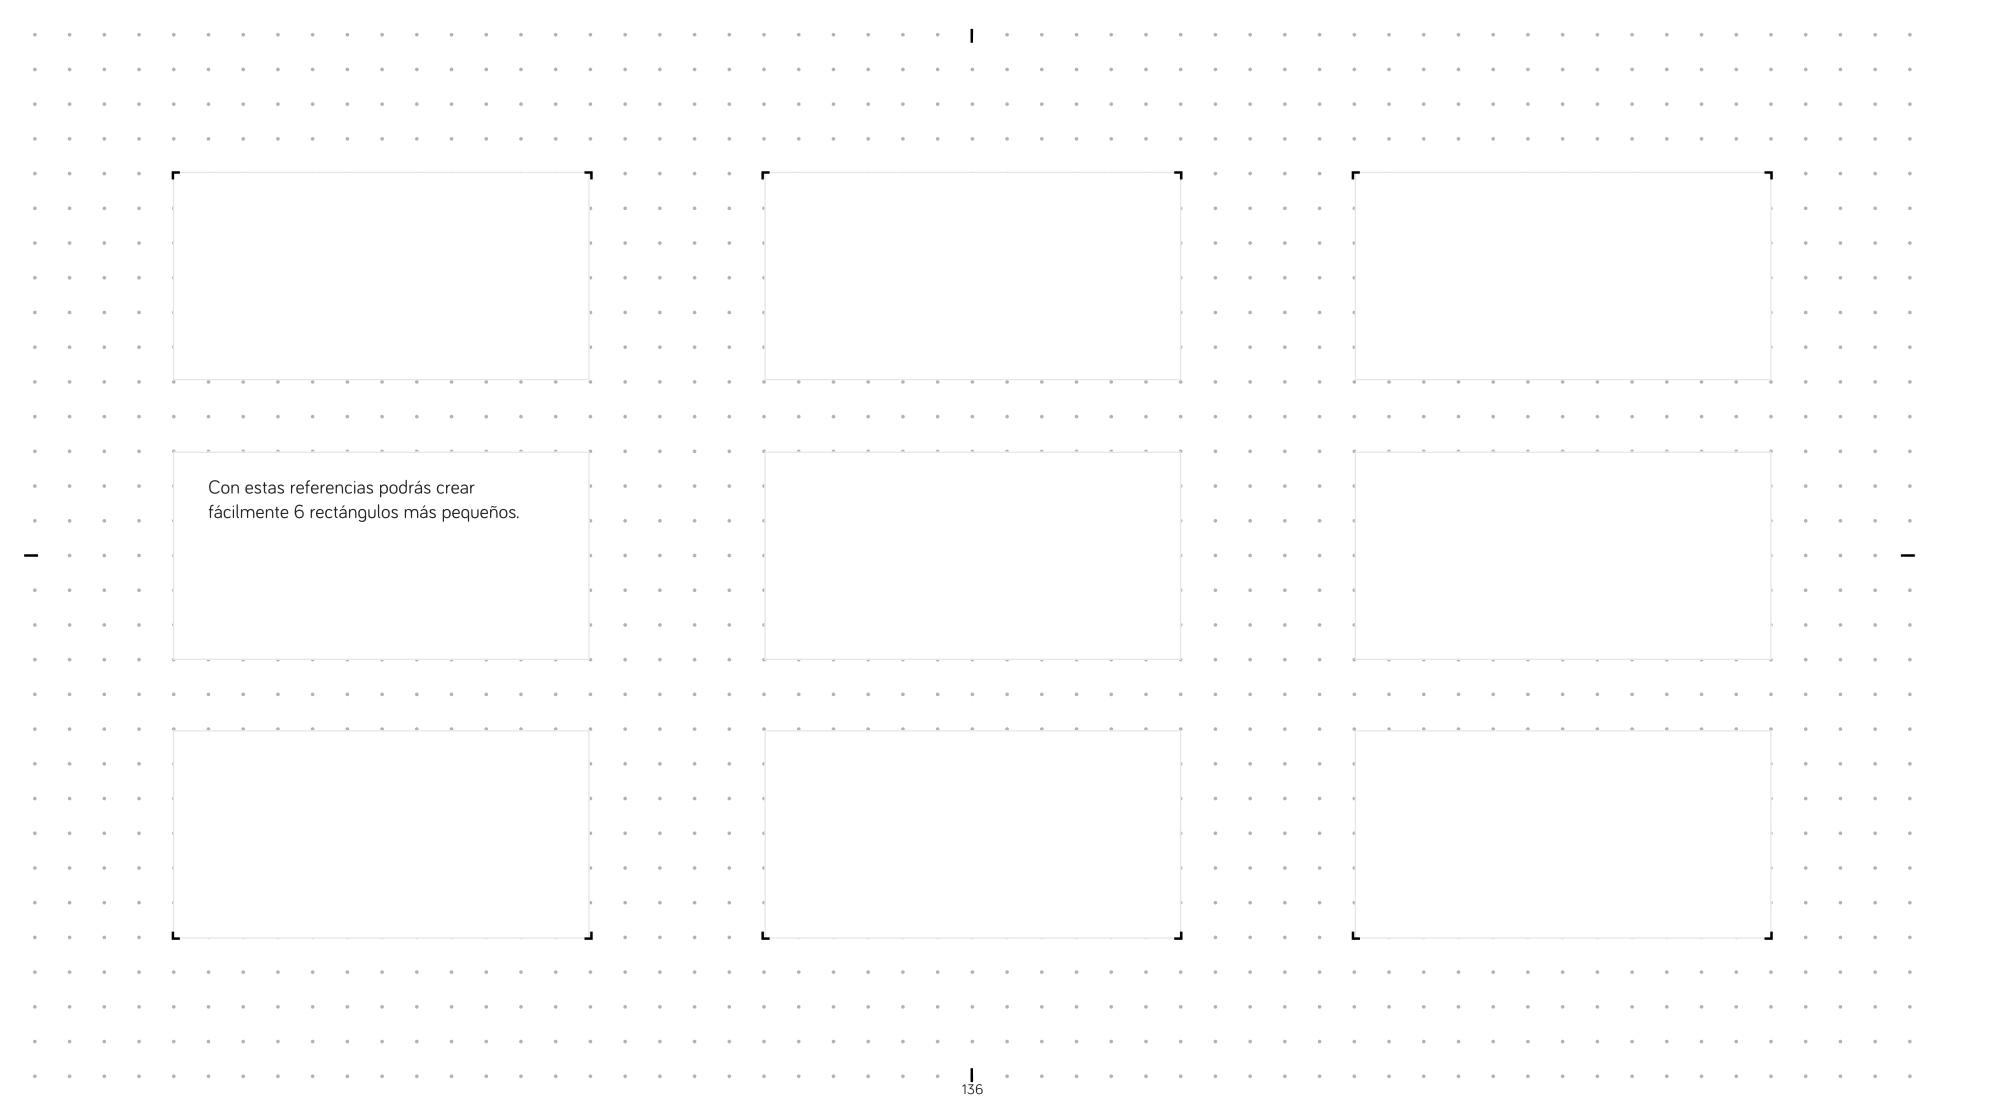 ejemplo adicinoal de bullet journal modificado para el planificador lucha creativa